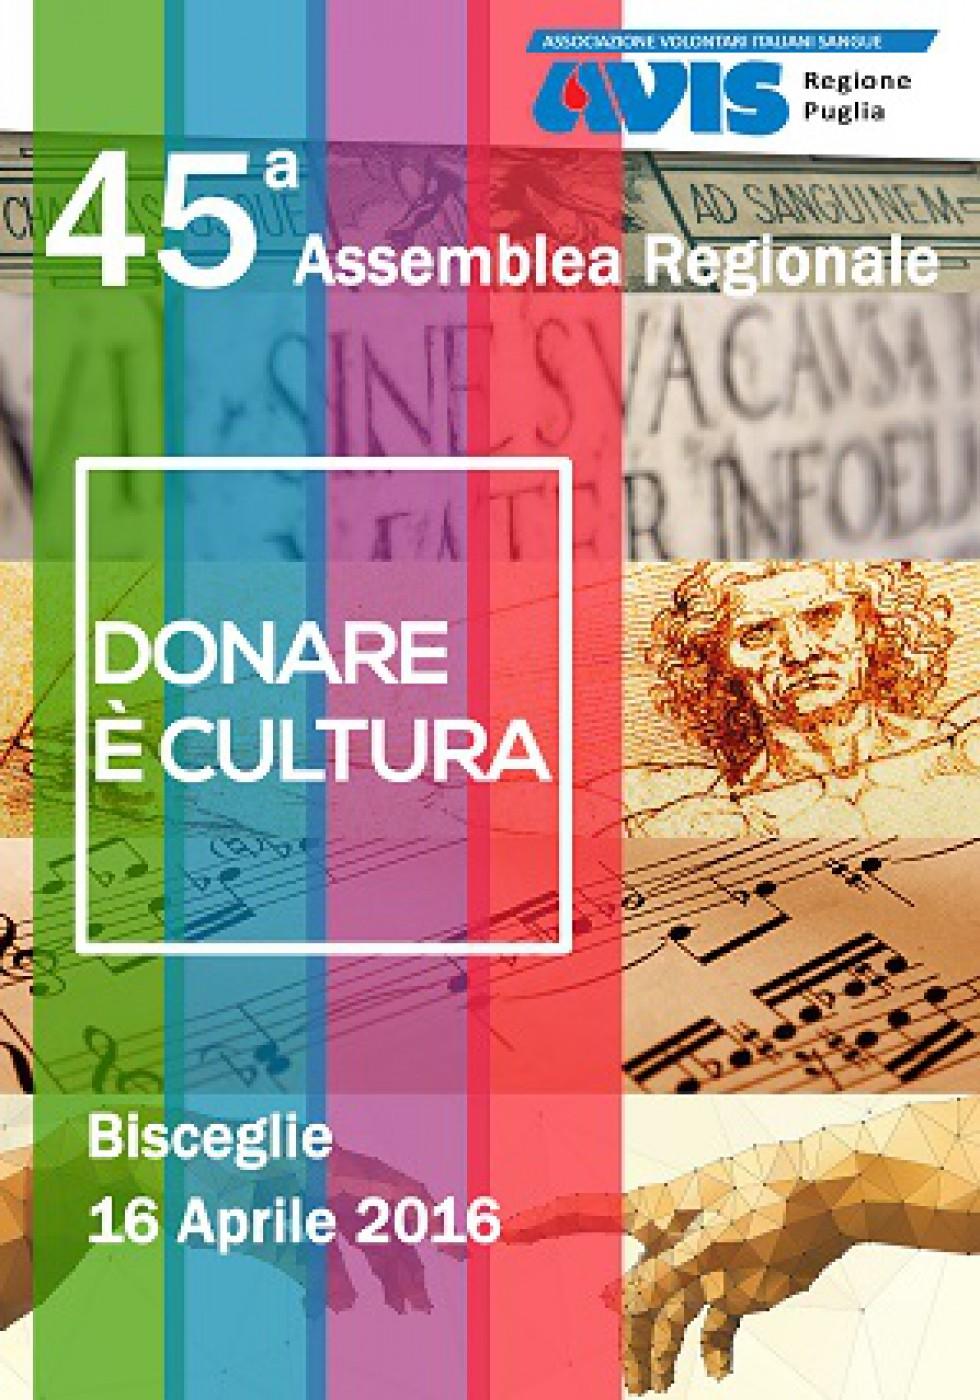 45a Assemblea Regionale Avis Puglia